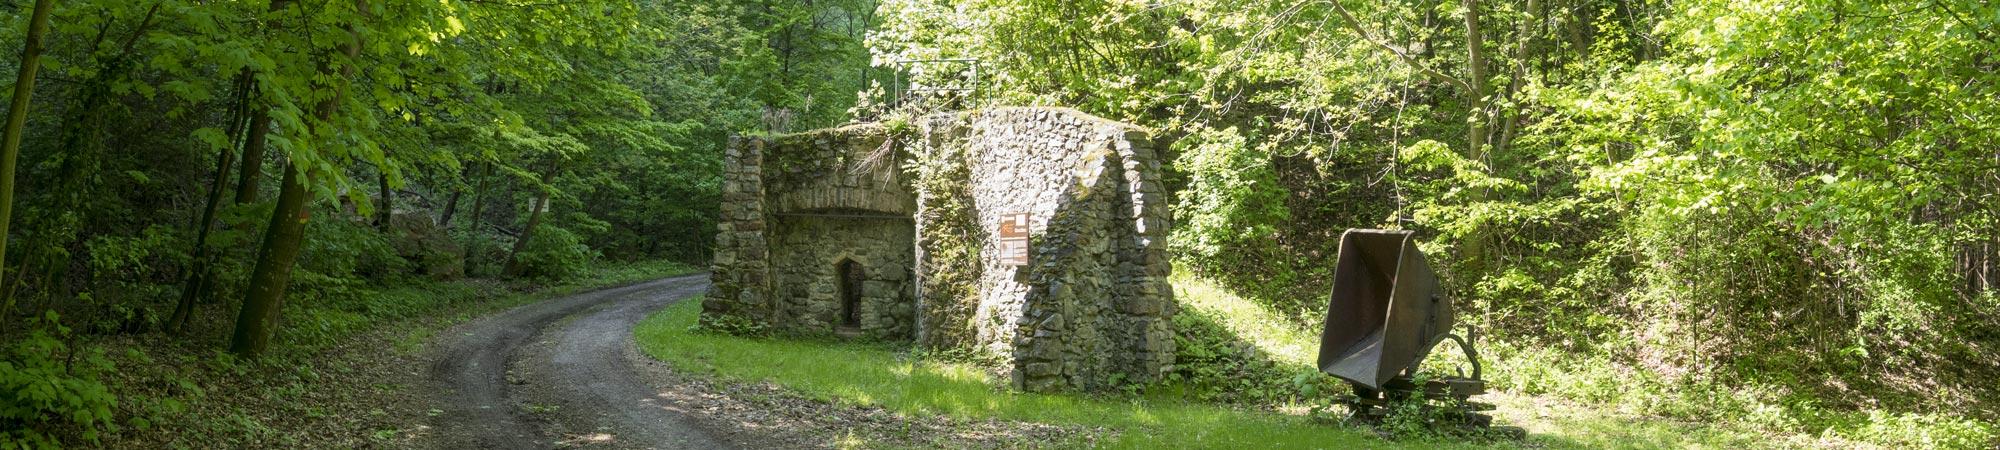 Gemeinde-Forchtenstein-08